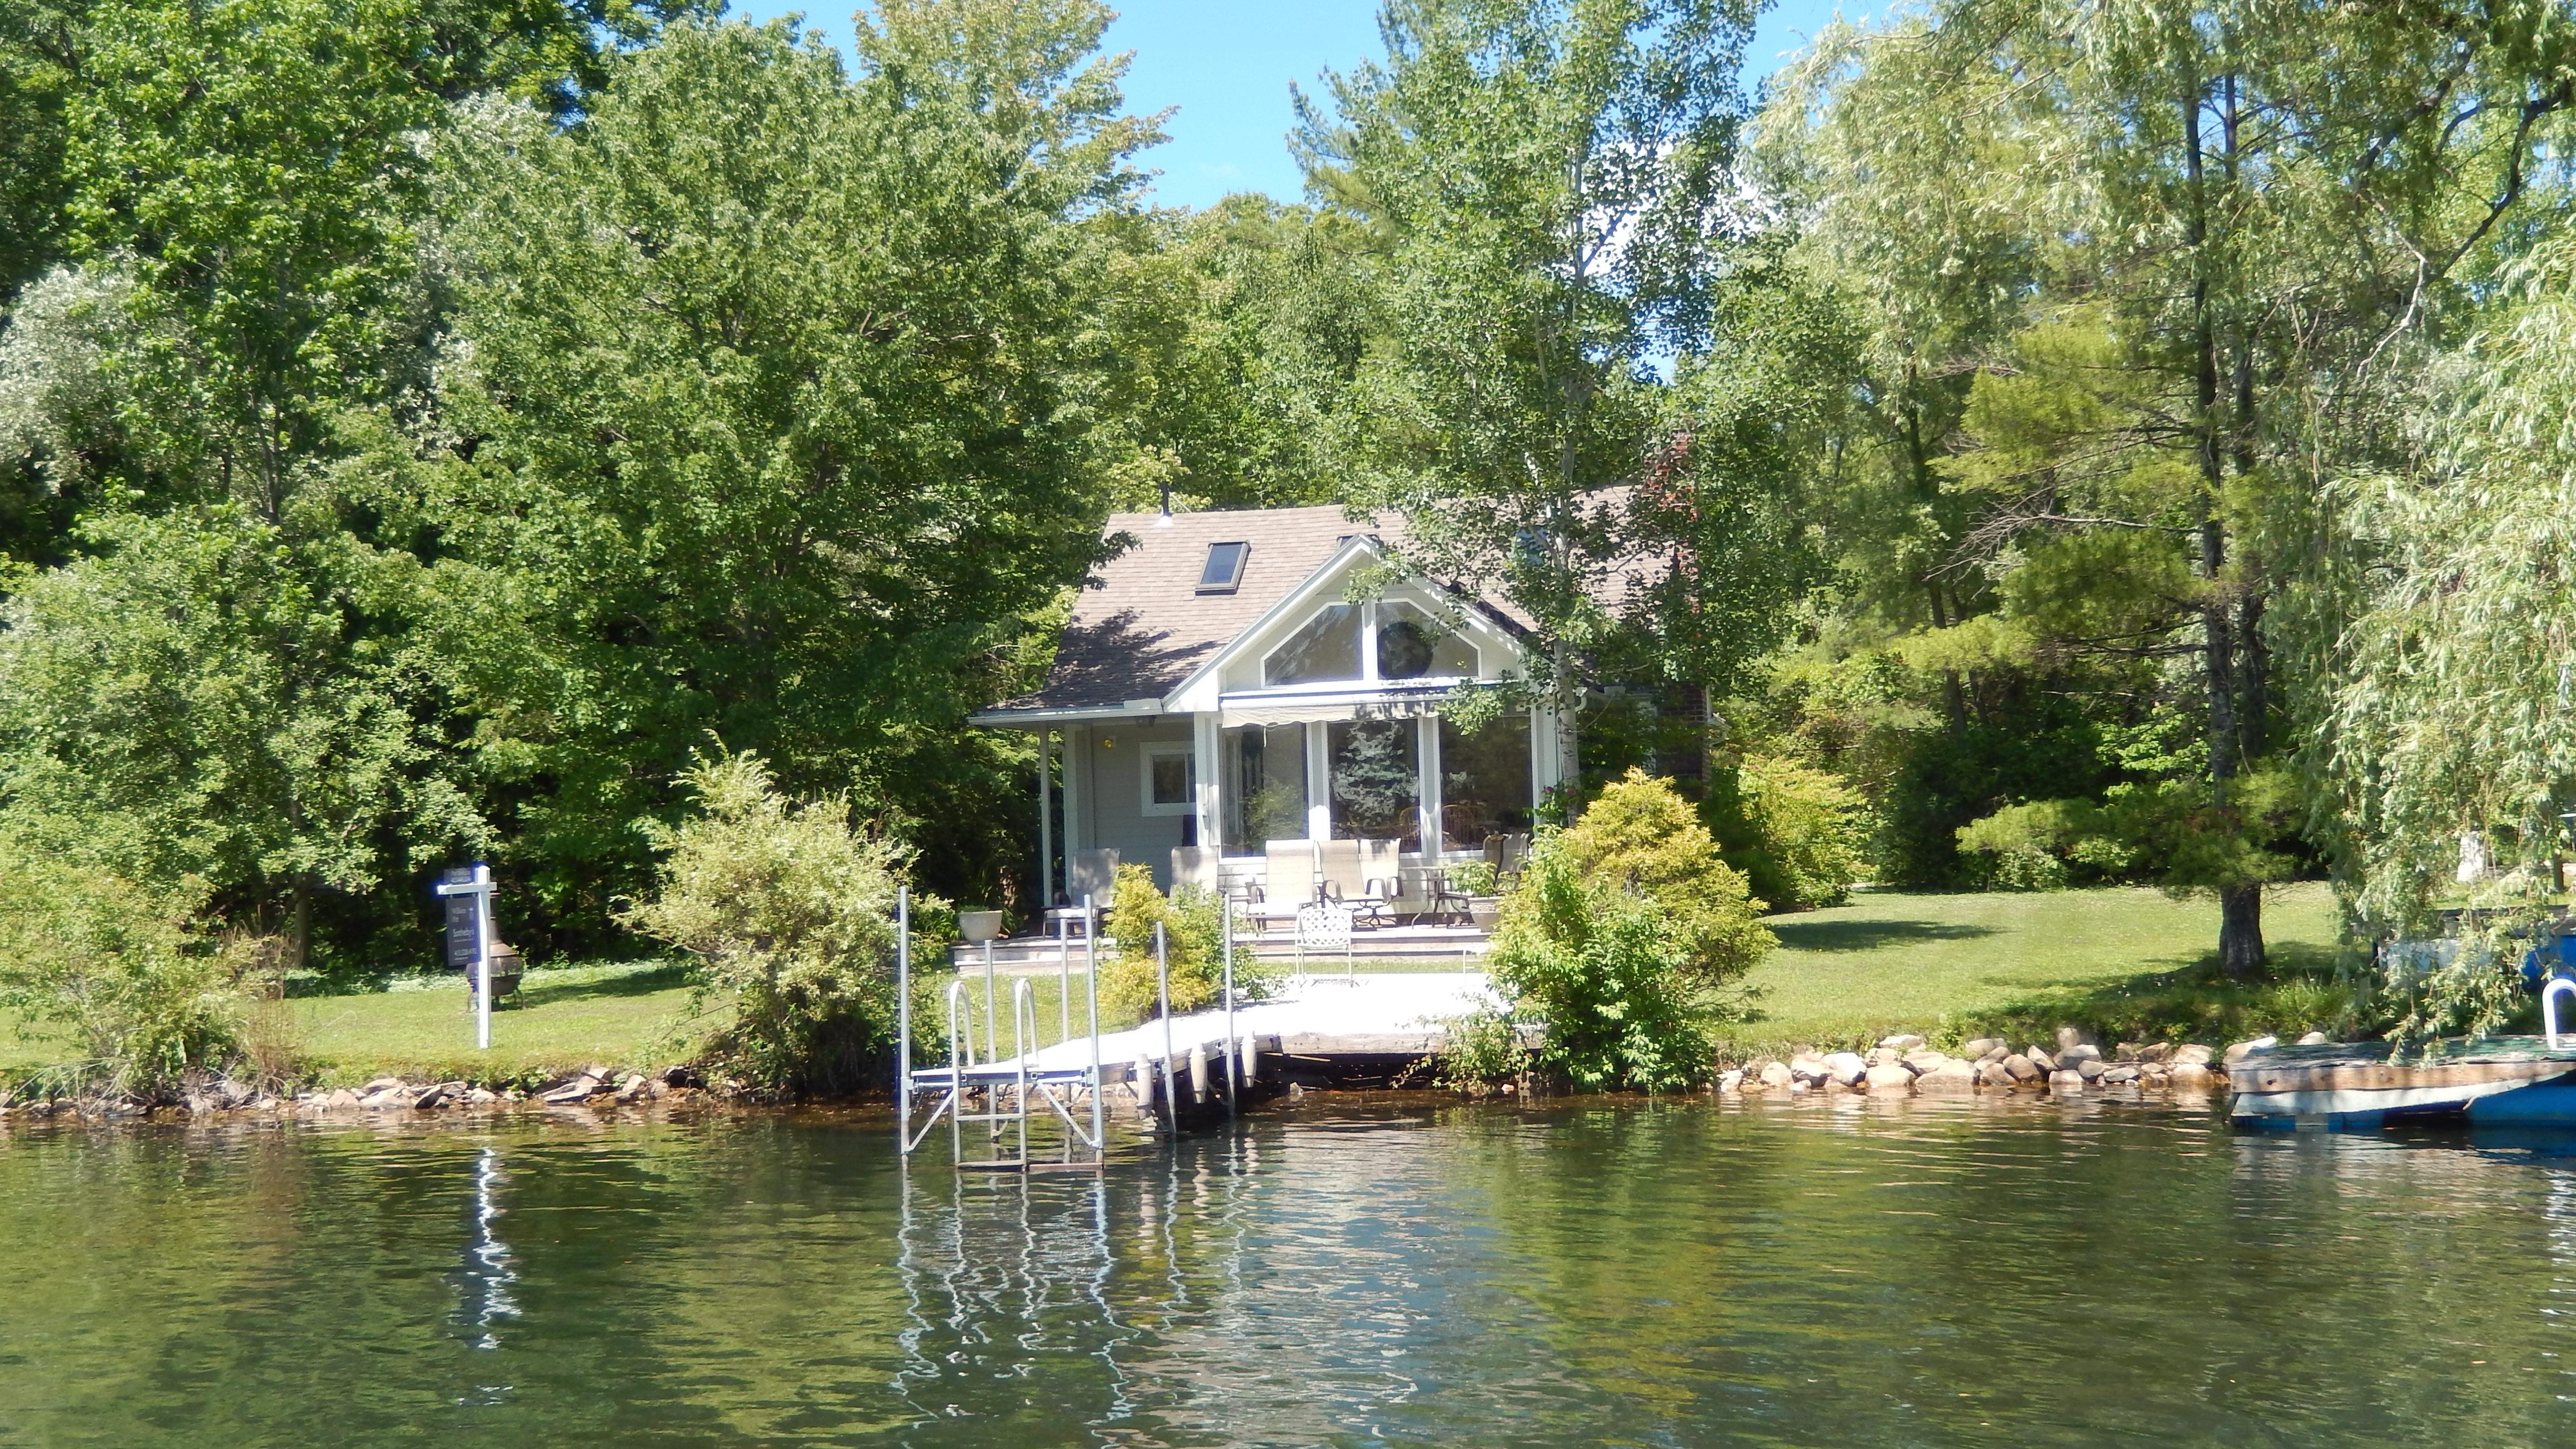 Частный односемейный дом для того Продажа на 4 Season Lake Buel Waterfront 12 Hebert Cove Monterey, Массачусетс, 01245 Соединенные Штаты